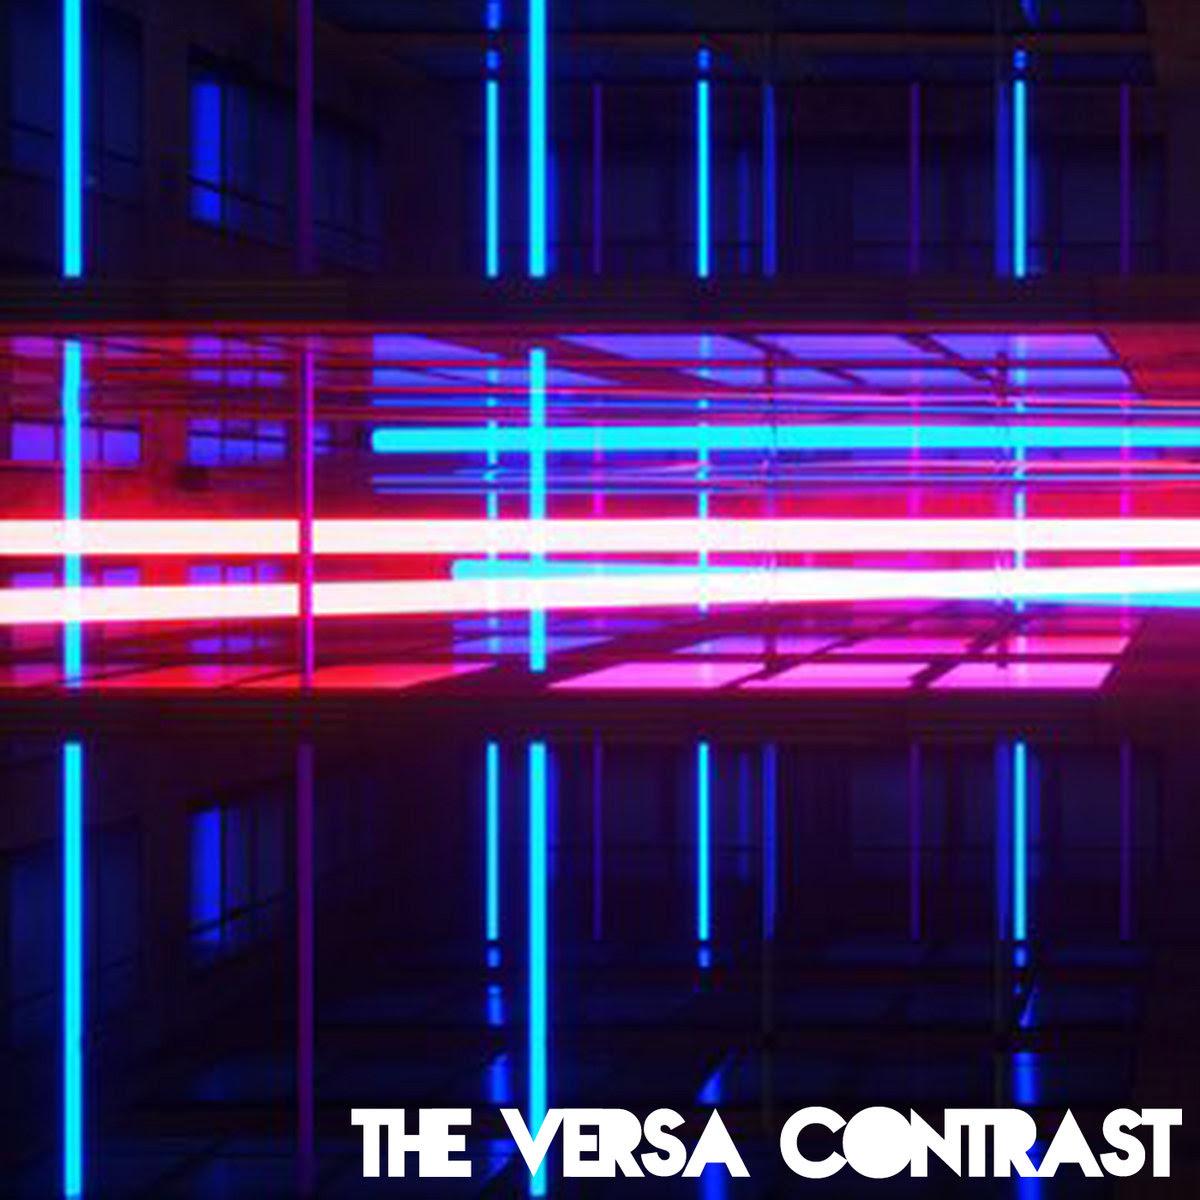 www.facebook.com/theversacontrast